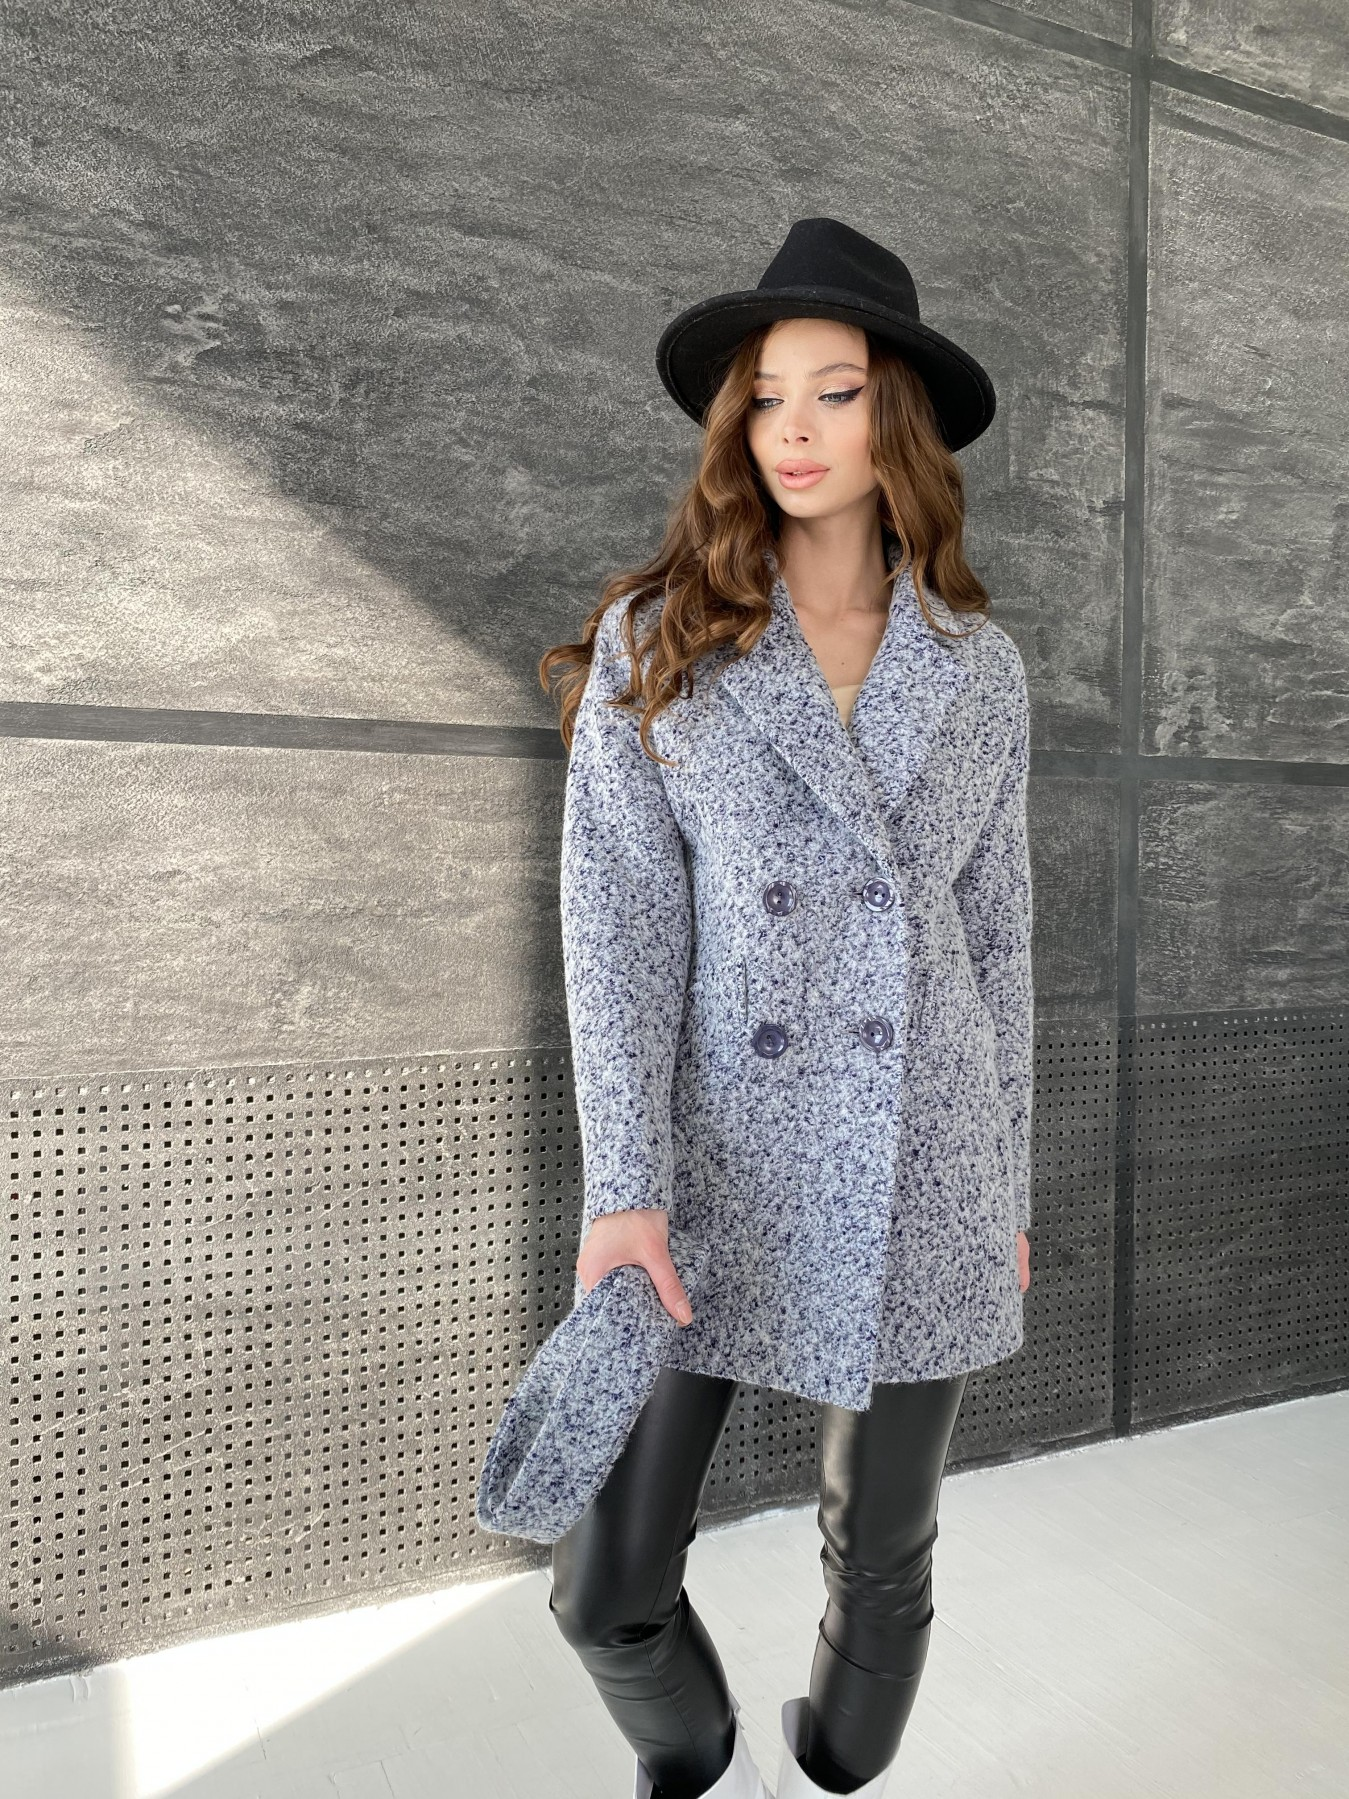 Бонд пальто из шерсти букле  10770 АРТ. 47199 Цвет: Серо-голубой 60 - фото 2, интернет магазин tm-modus.ru